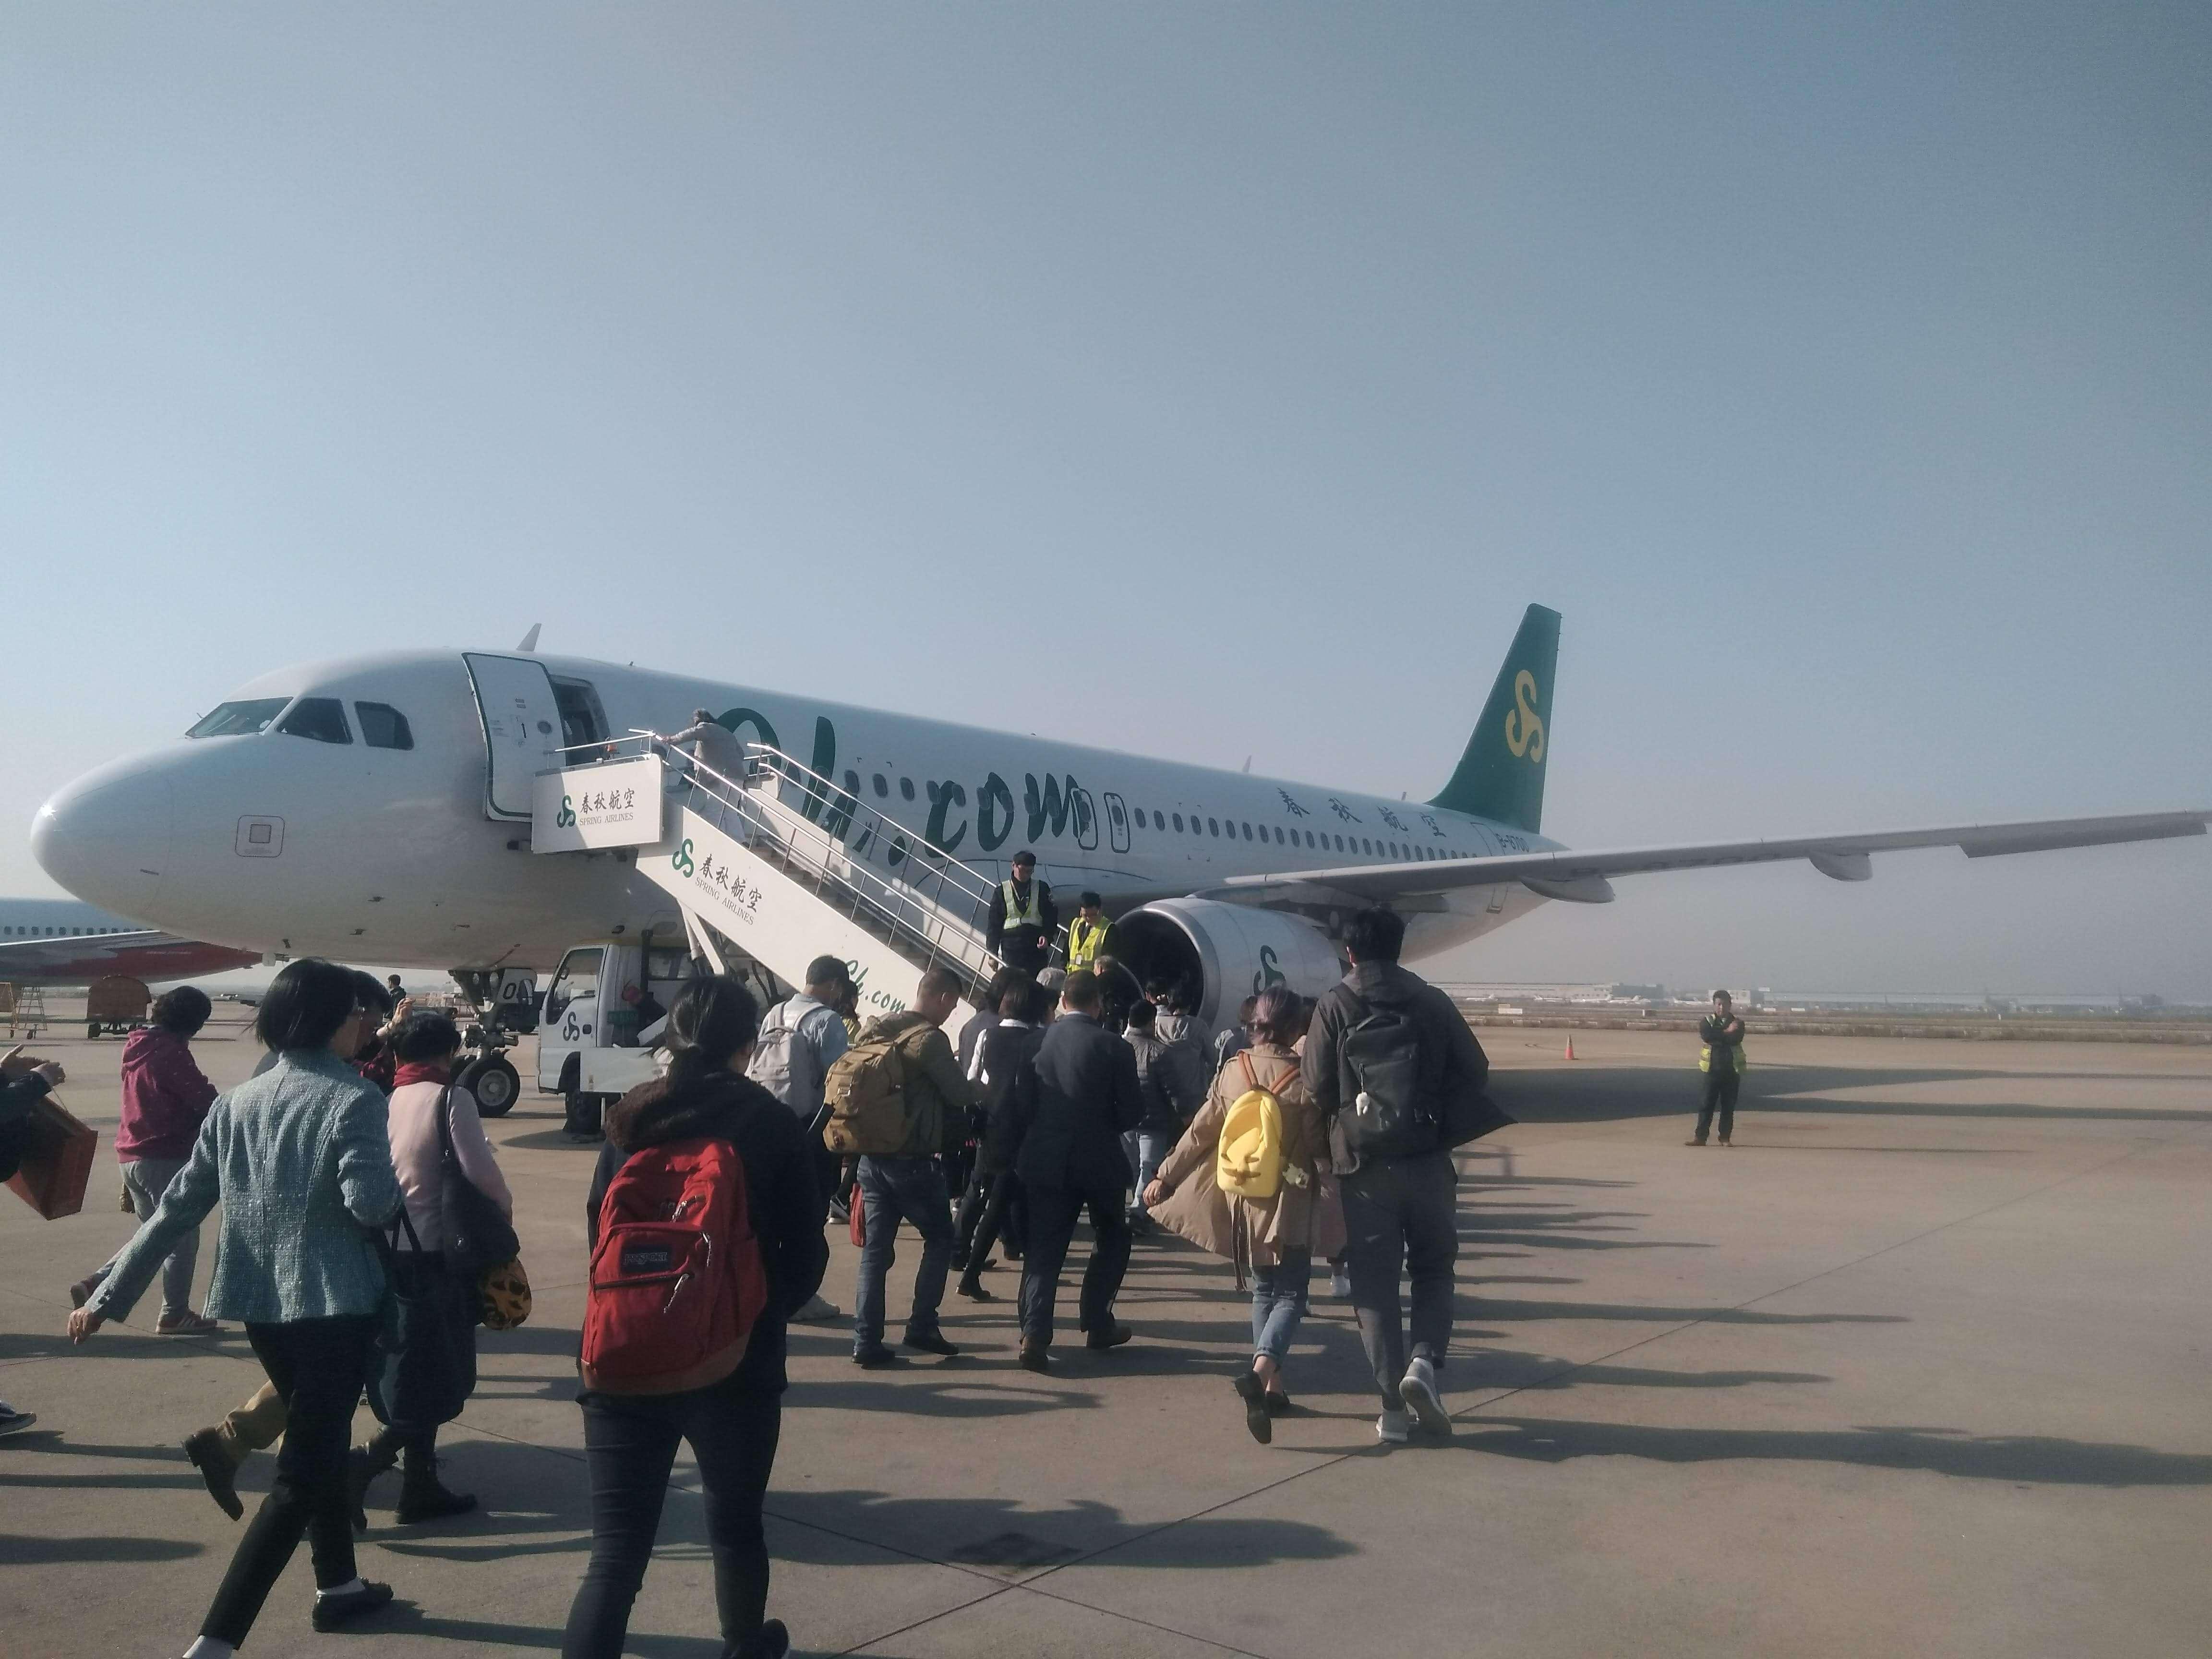 中国の春秋航空の国際線の飛行機